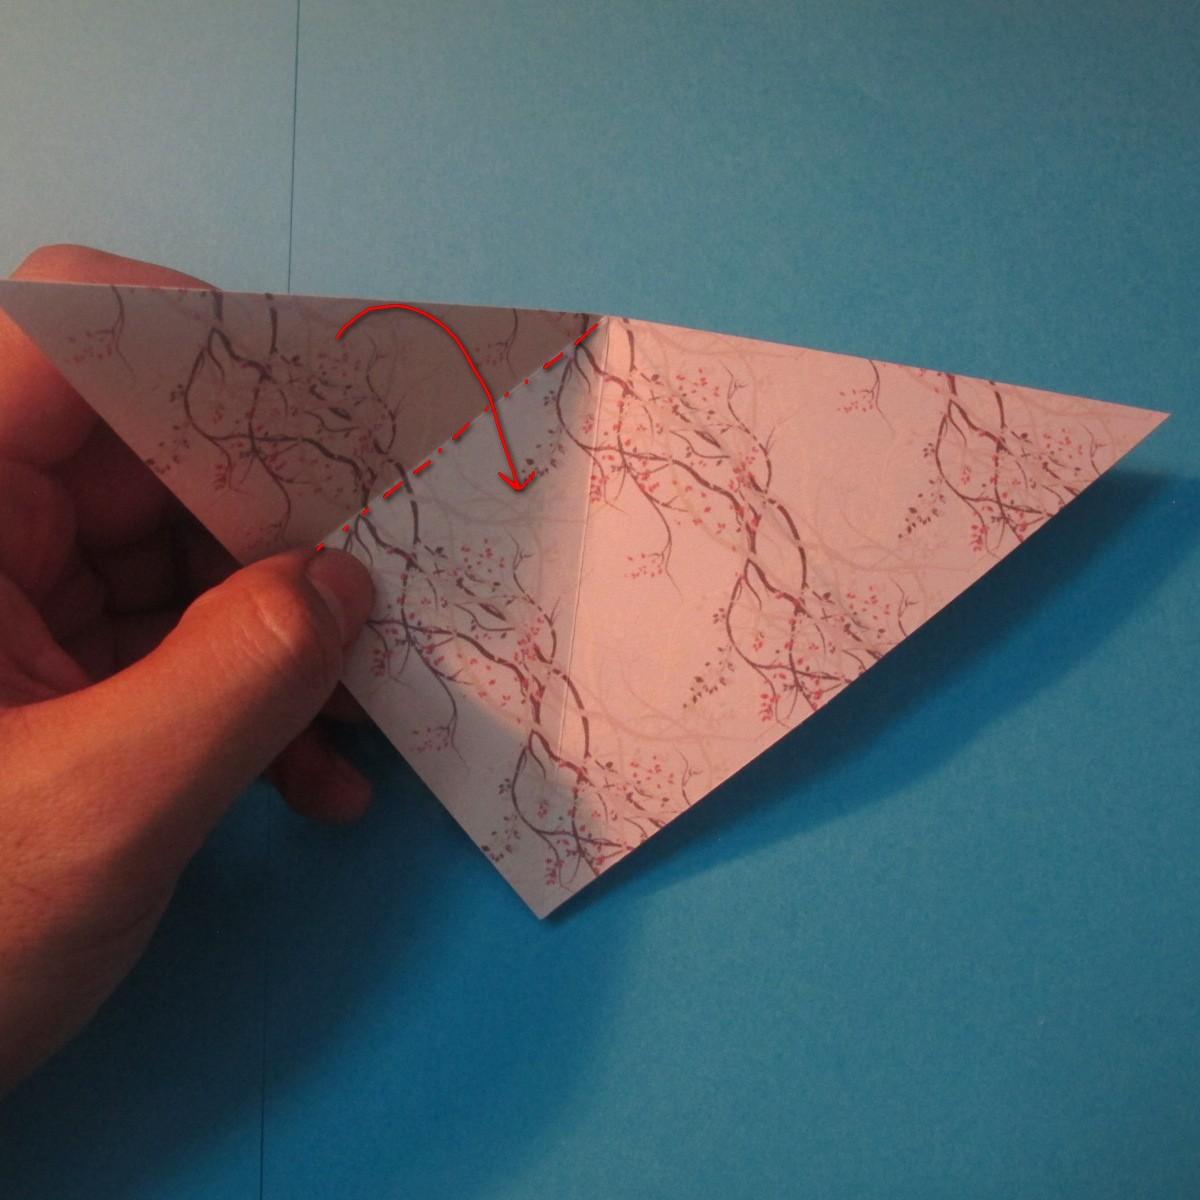 วิธีการพับกระดาษเป็นดาวสี่แฉก 003